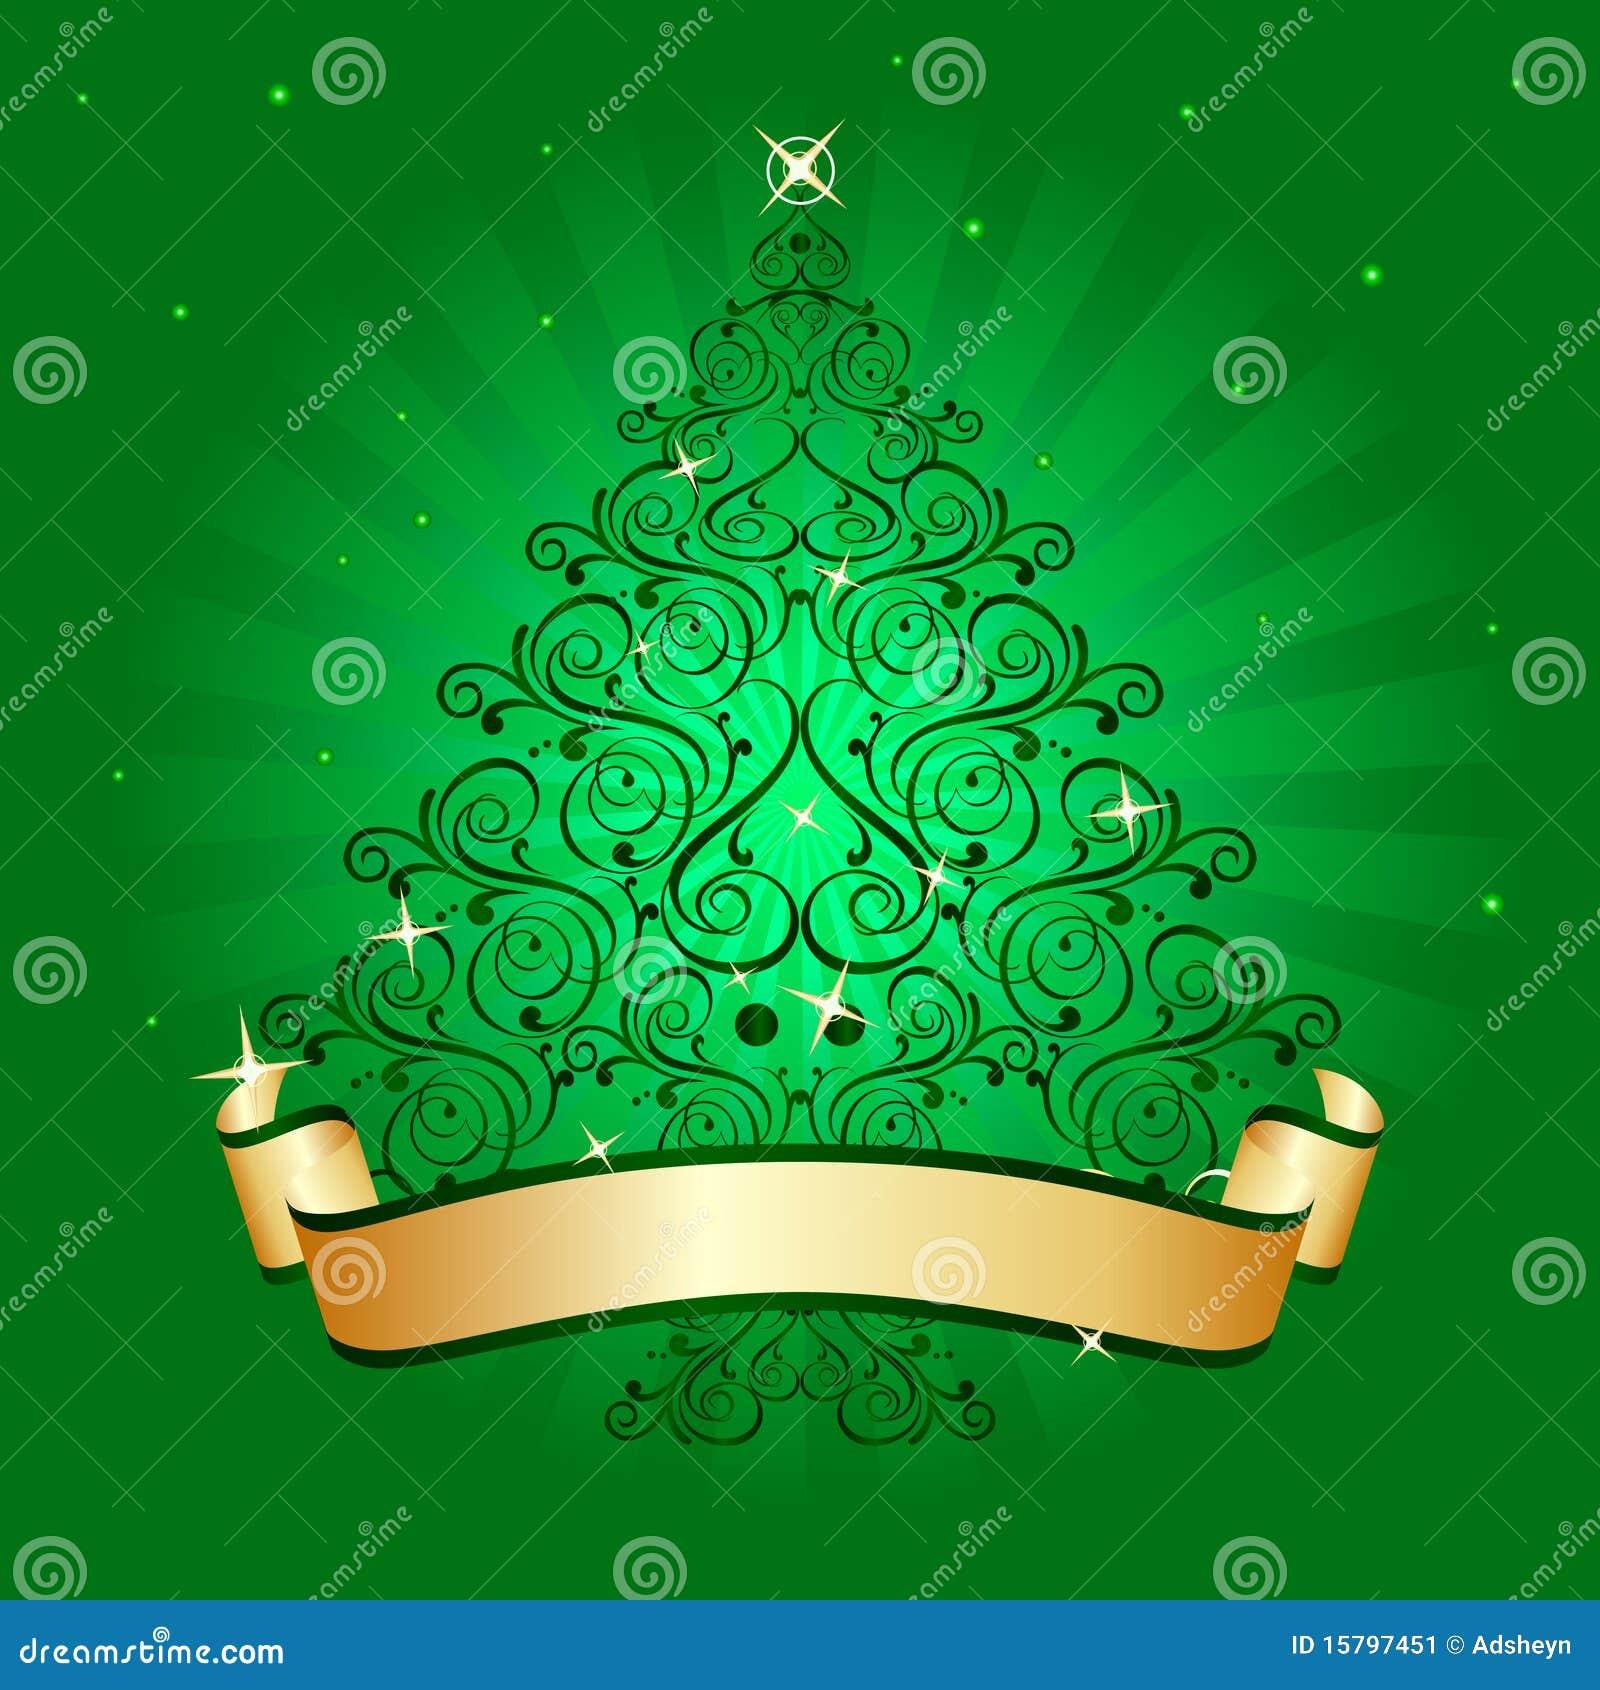 Rbol de navidad verde claro imagen de archivo imagen for Arbol navidad verde